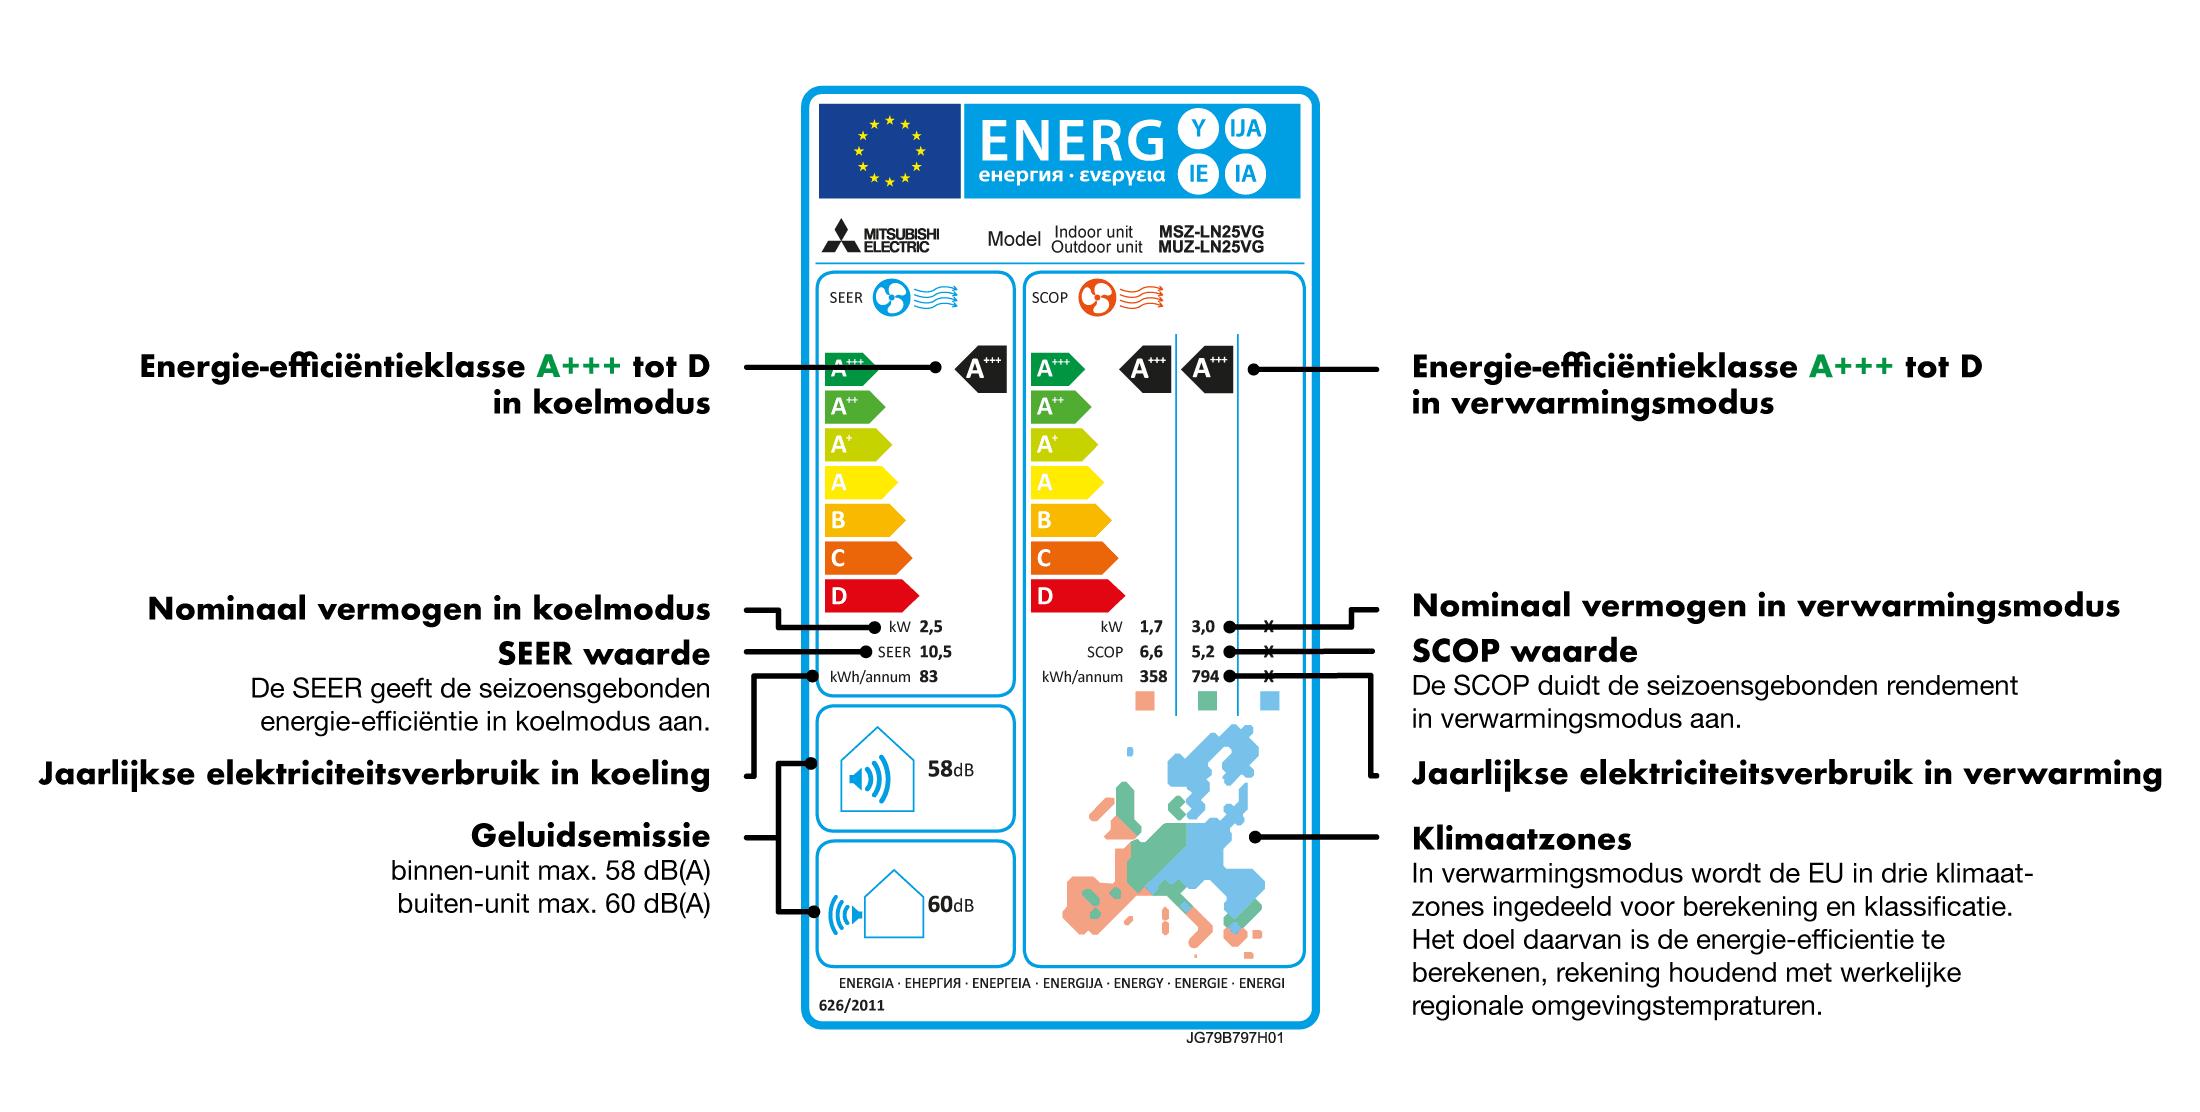 Energielabels voor airconditioning met uitleg hoe het werkt